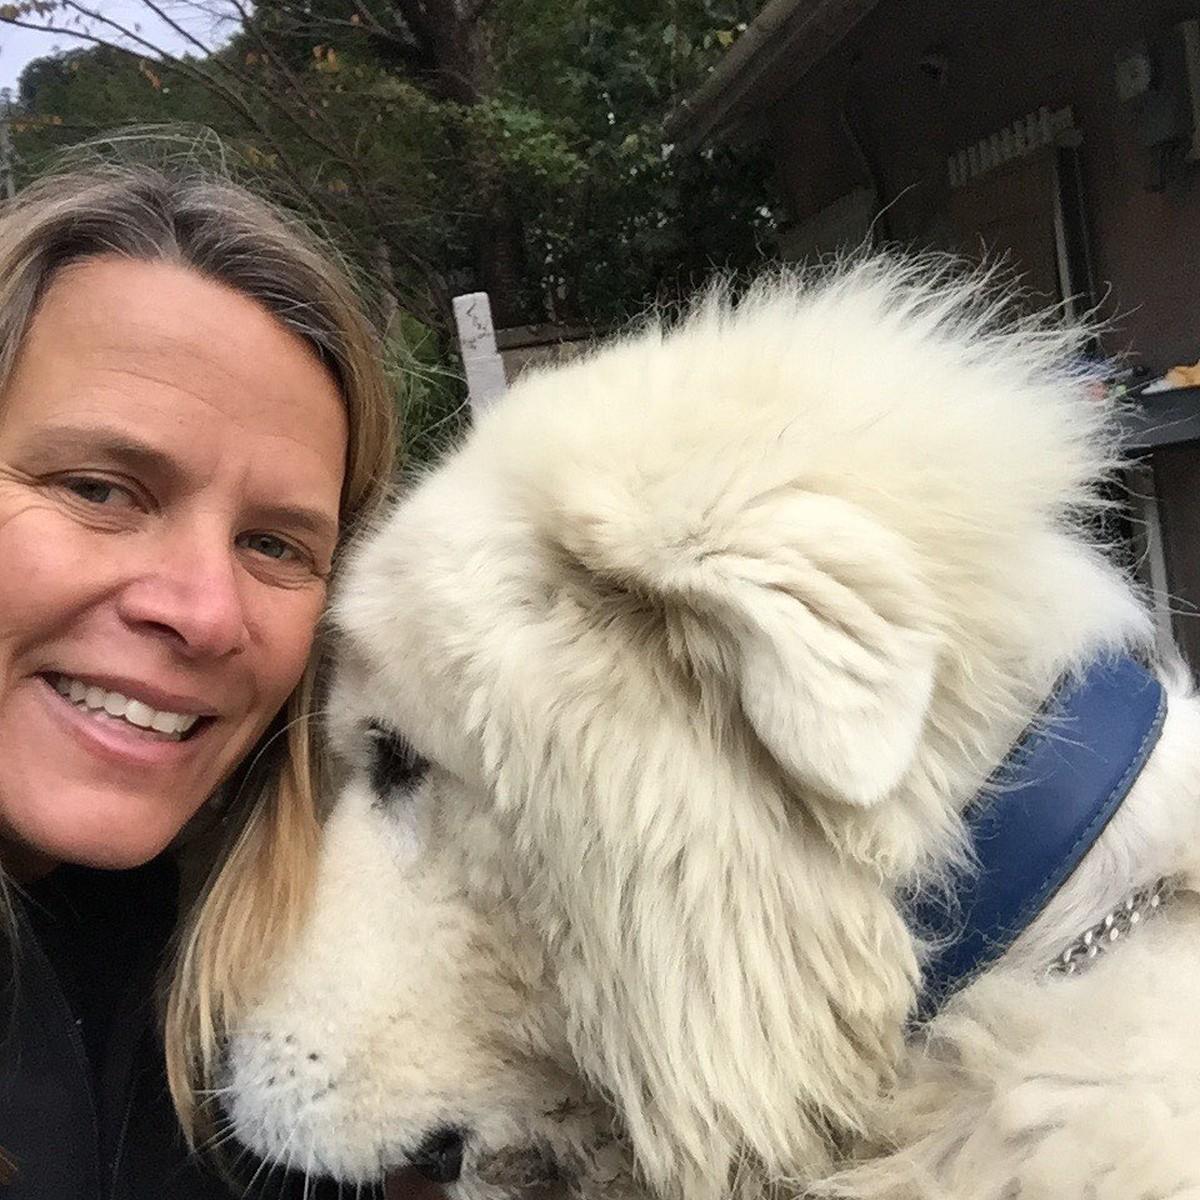 Mariana Becker revela paixão por animais: 'É uma terapia' - gshow